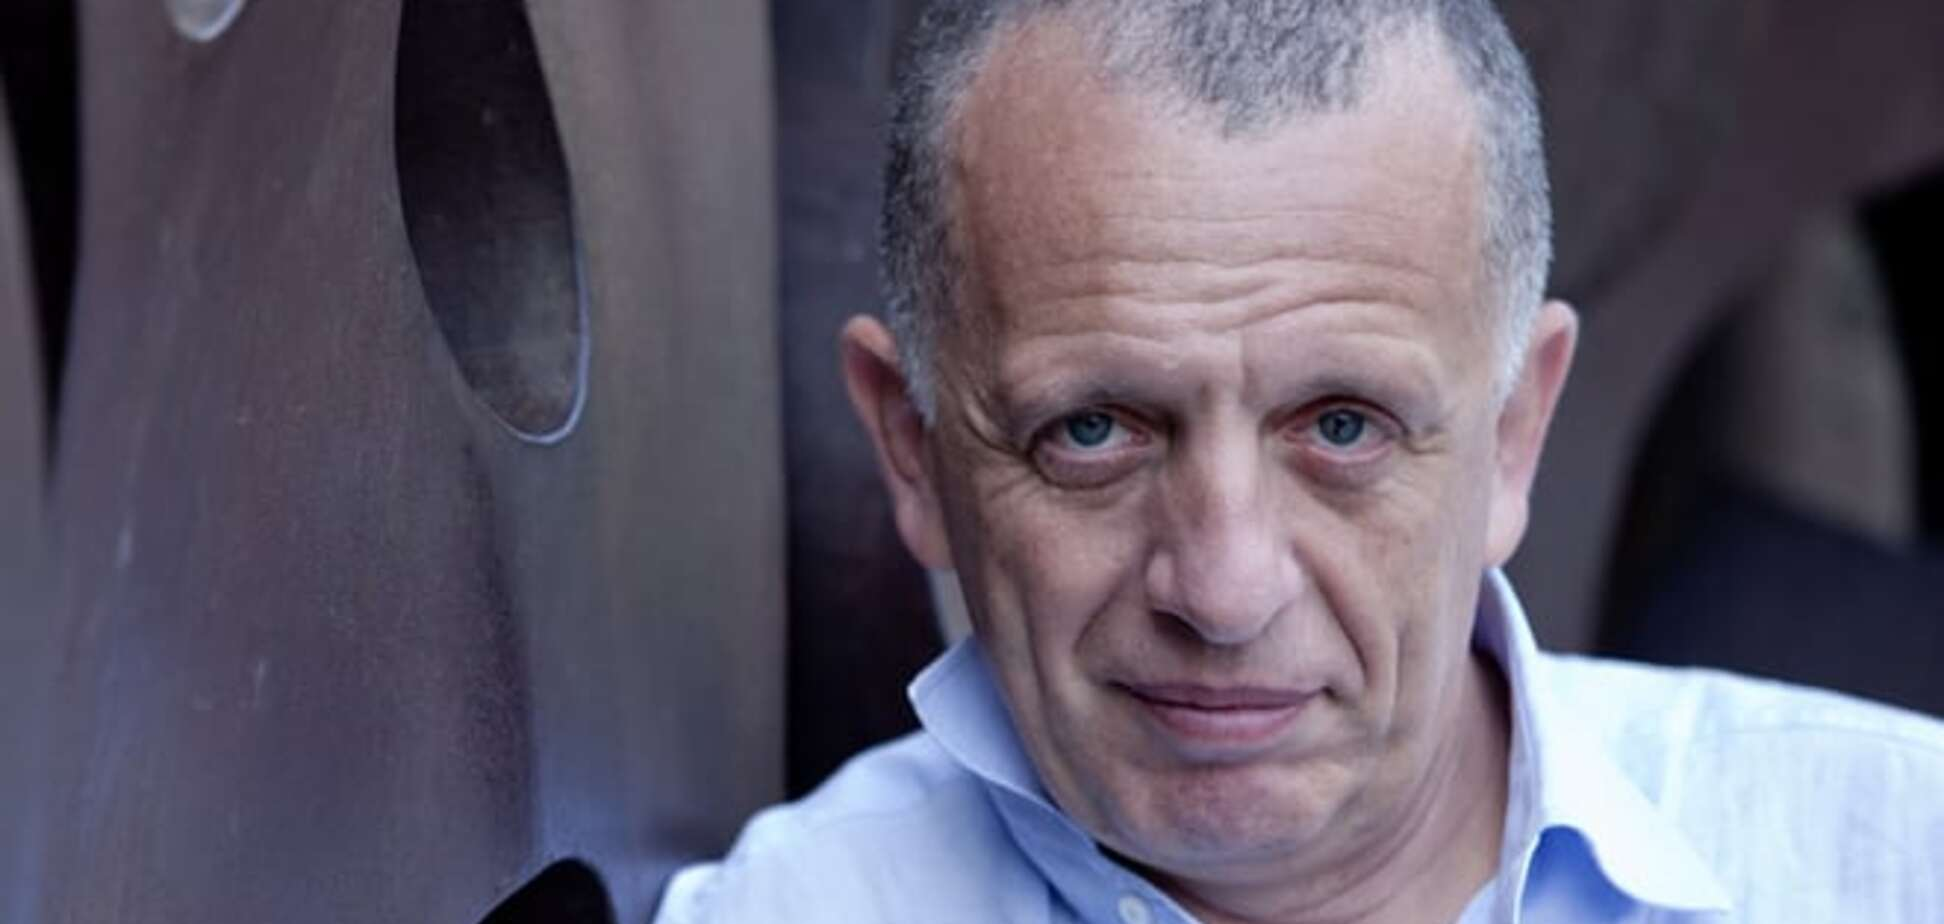 Одесский бизнесмен, проклинавший Путина и террористов, открывает ресторан в Москве